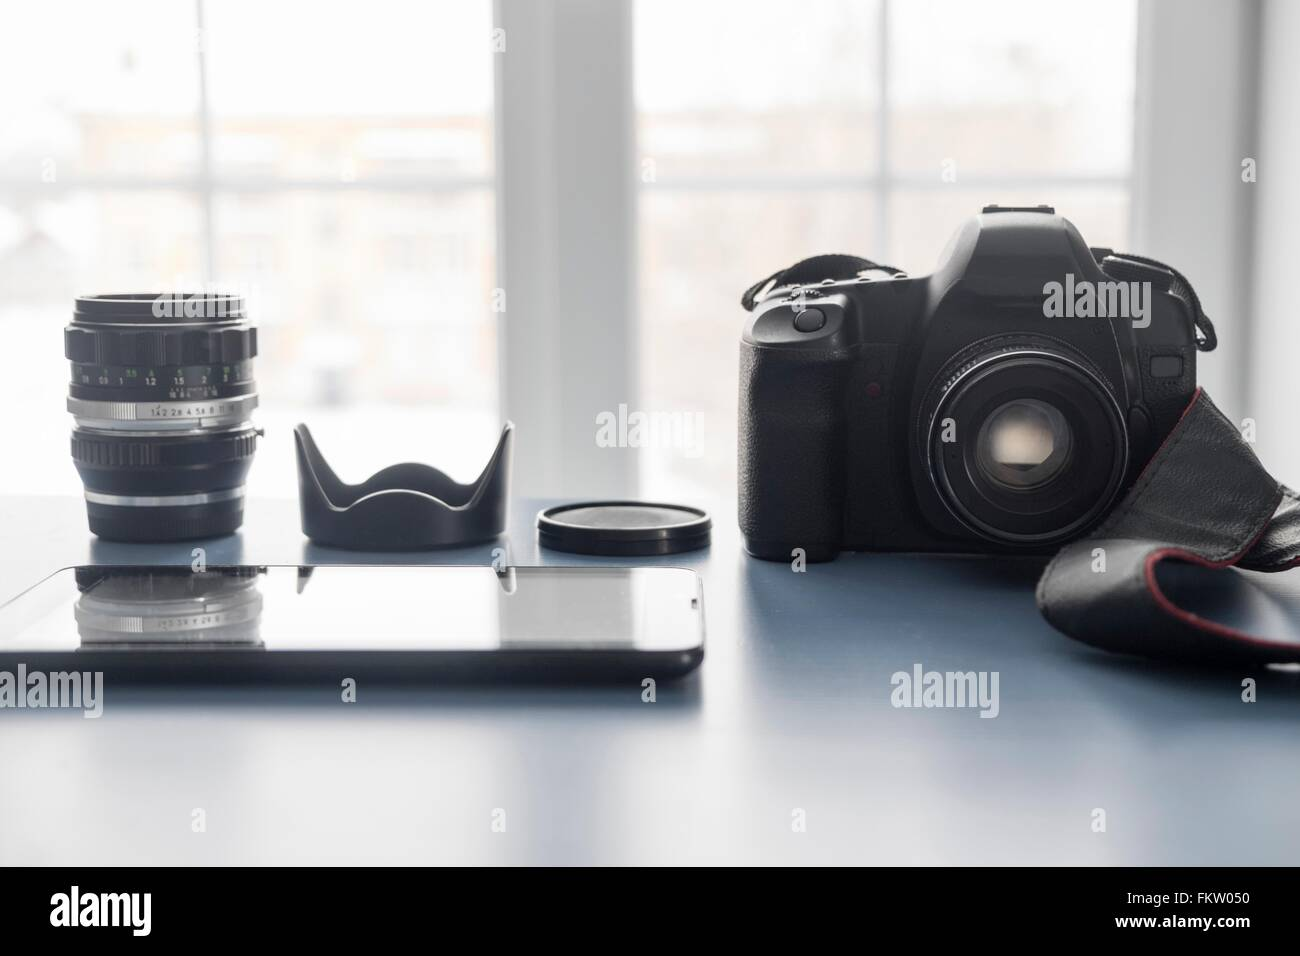 Digital tablet and digital SLR camera on studio desk - Stock Image